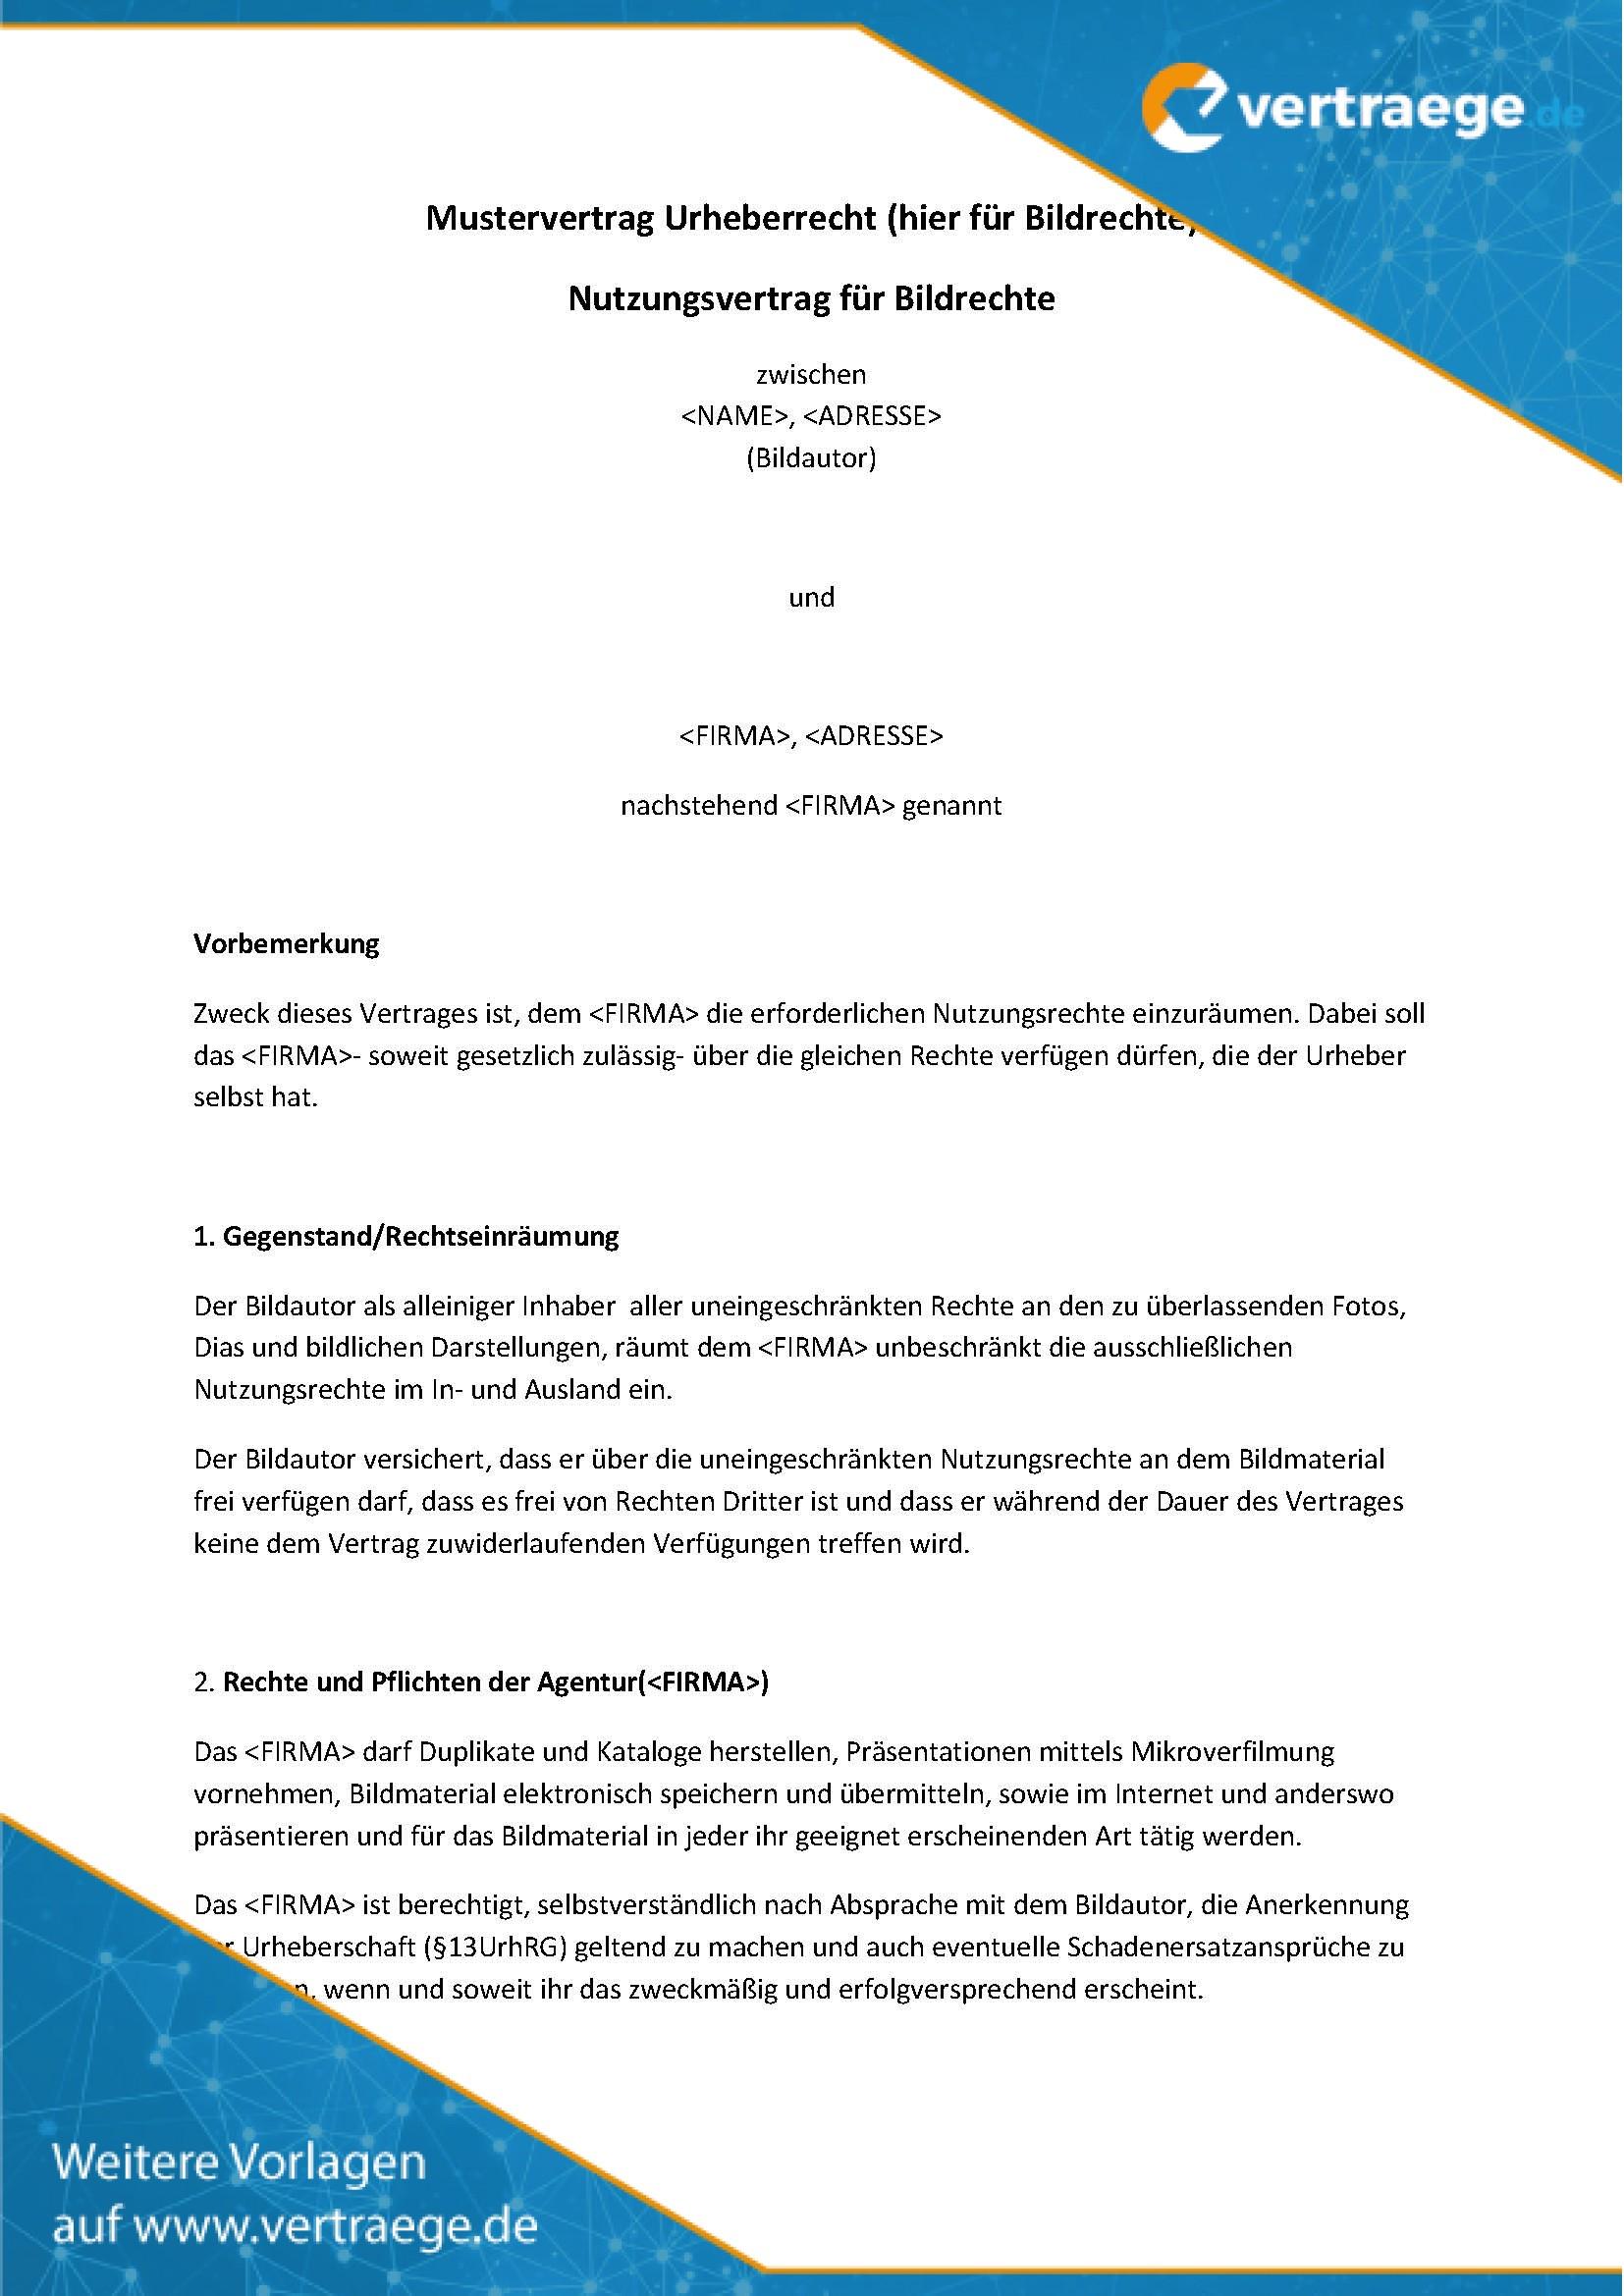 Muster Vertrag Urheberrecht